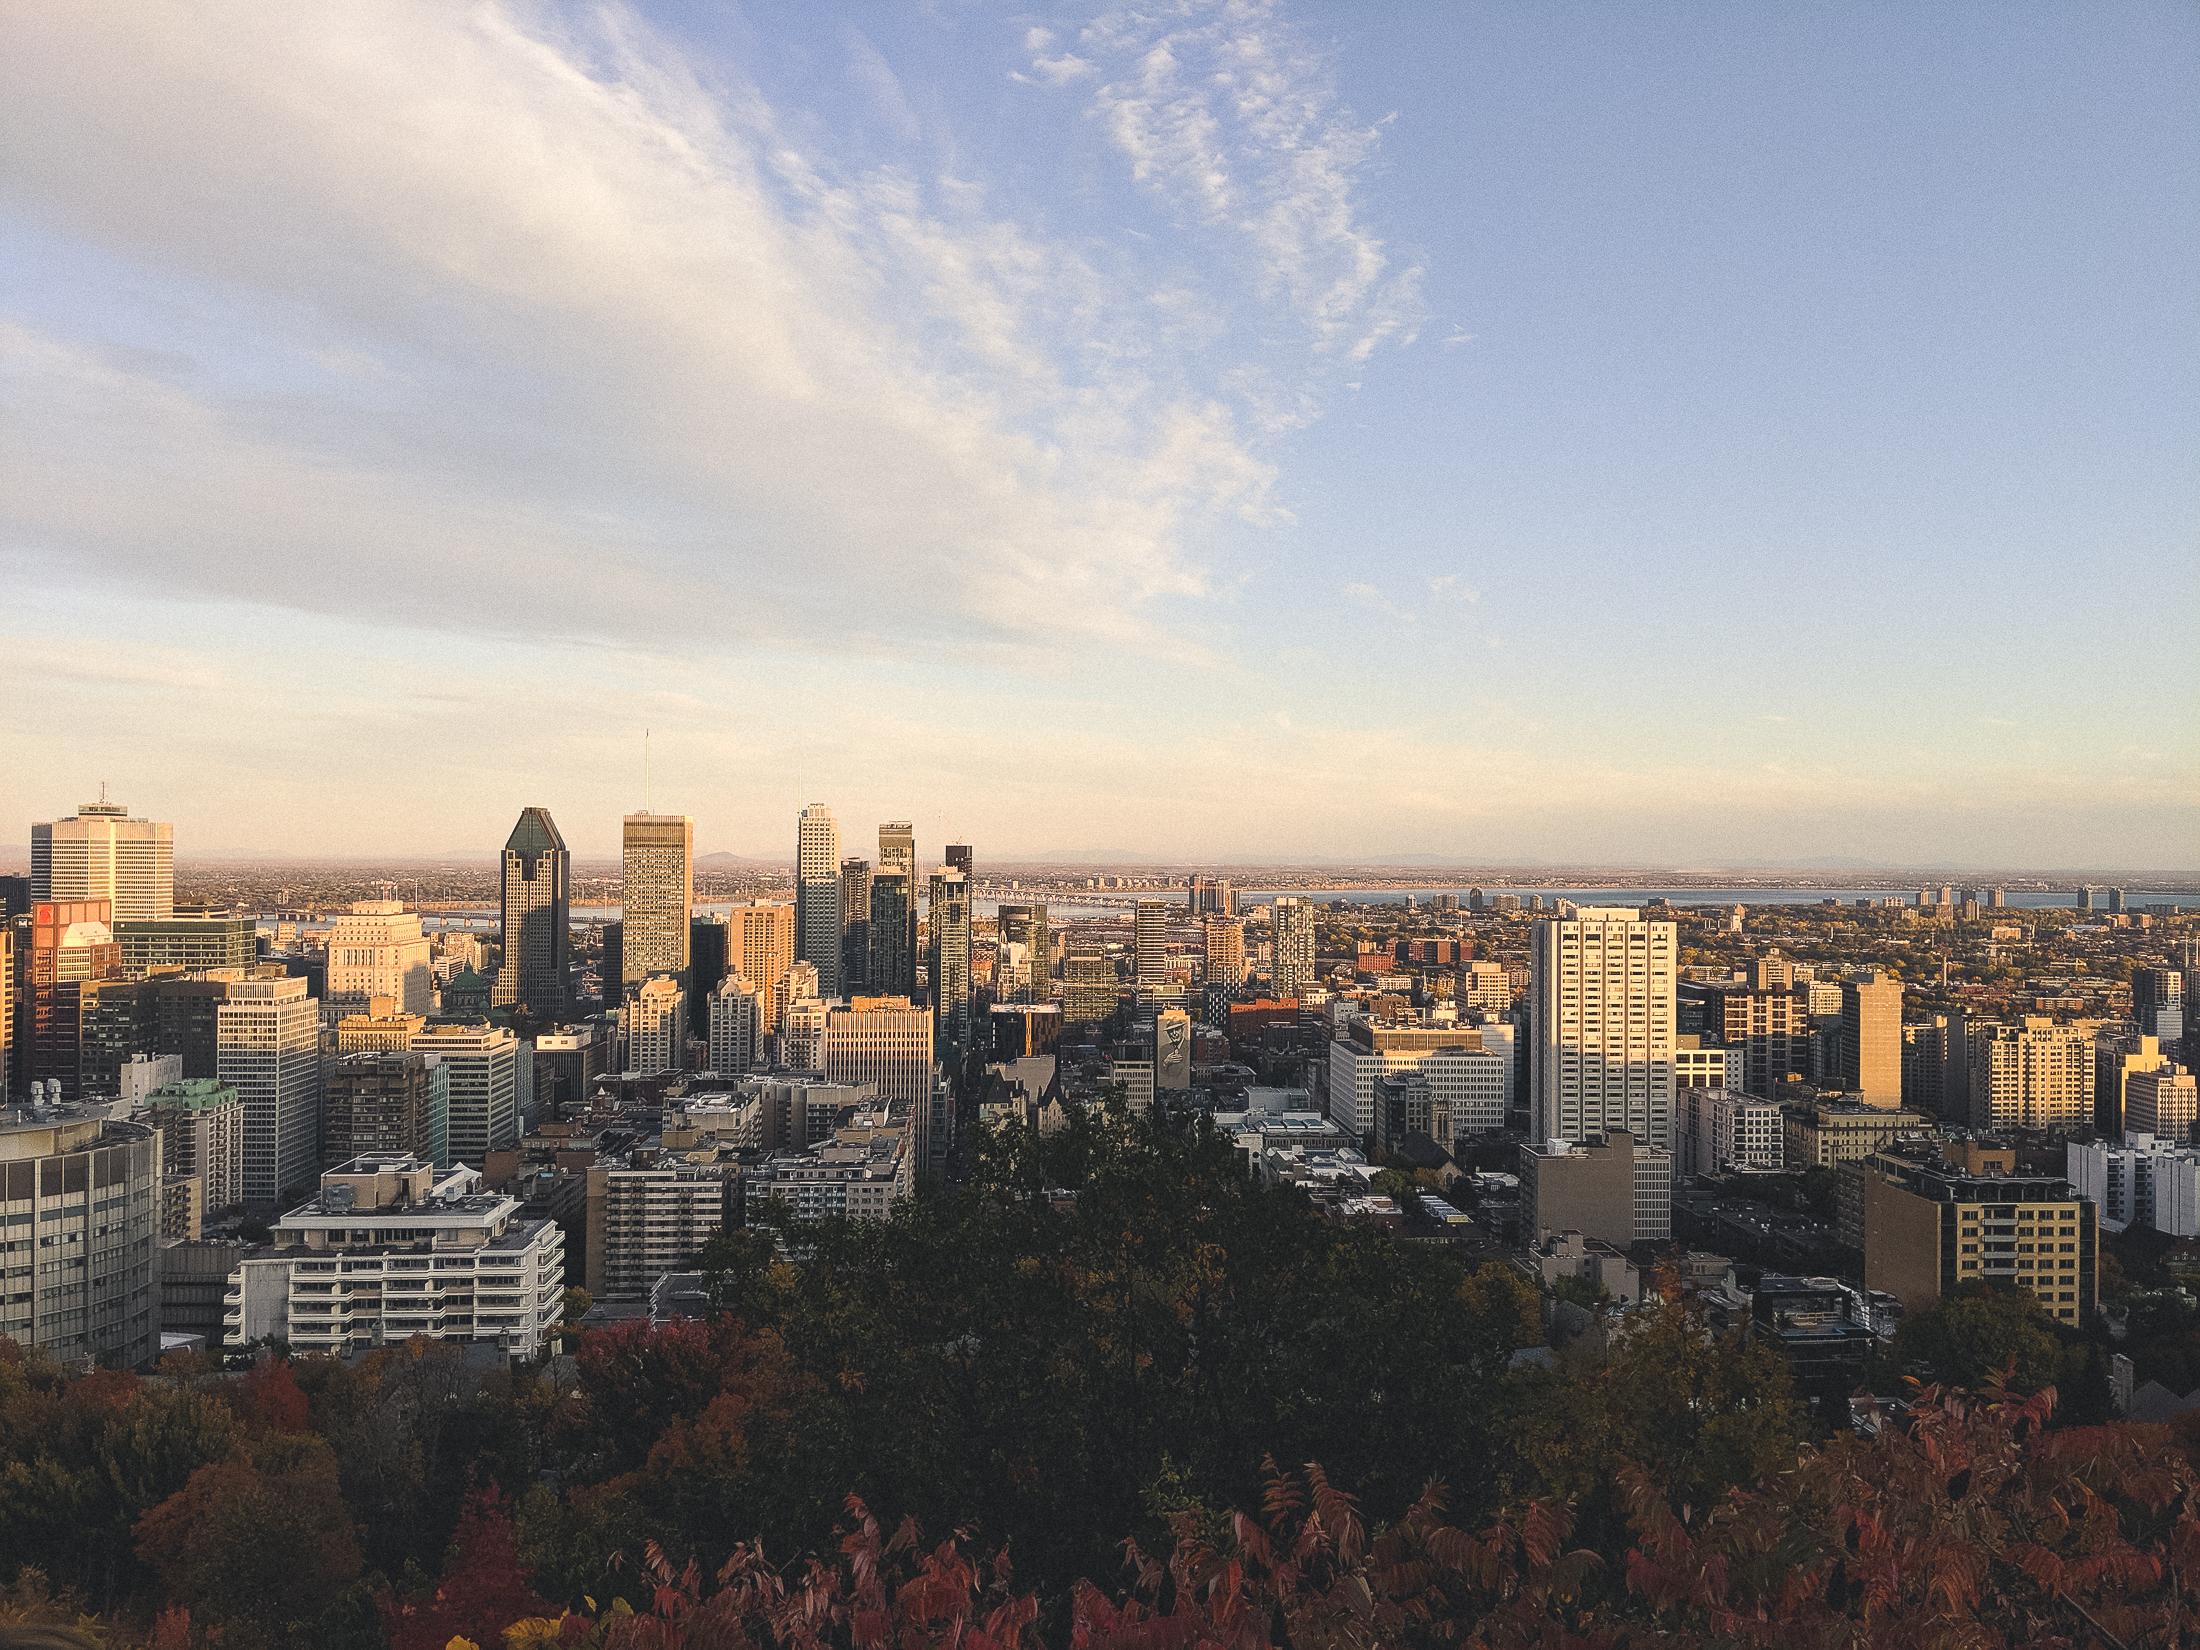 vue de Montréal en automne, du haut du parc du Mont-Royal